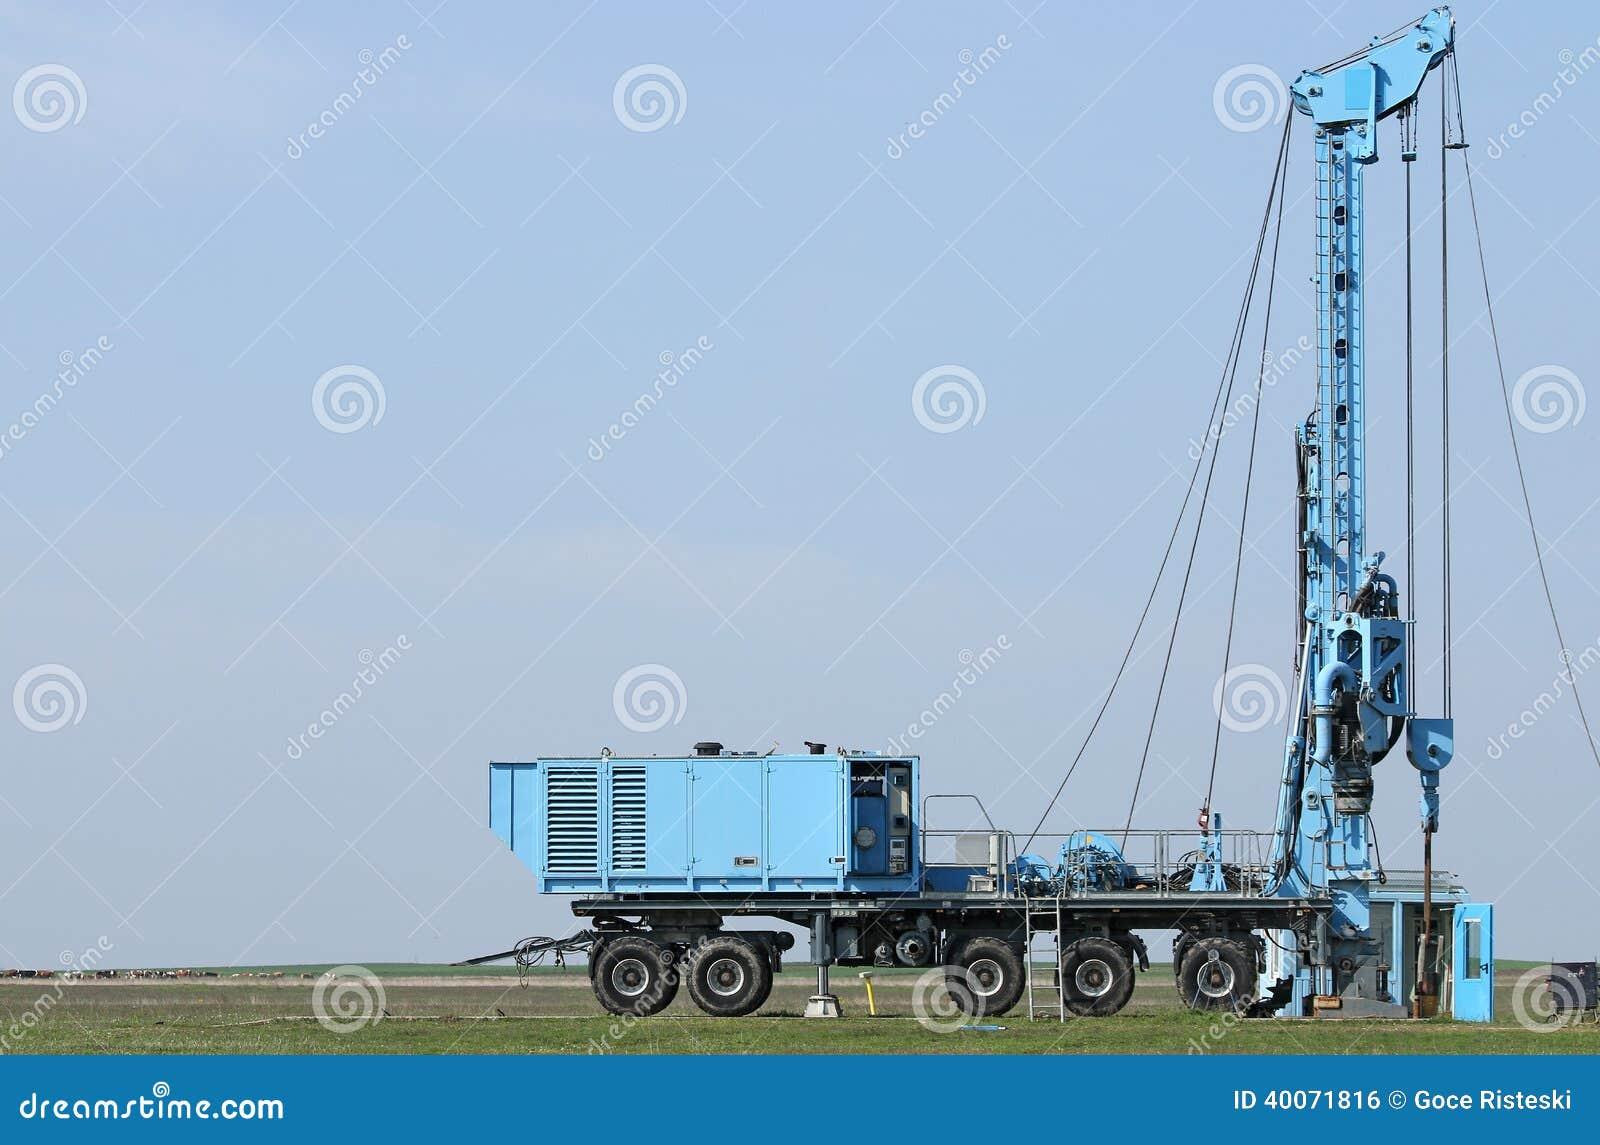 Geologii i eksploracja złóż ropy naftowej wiertniczego takielunku mobilny pojazd